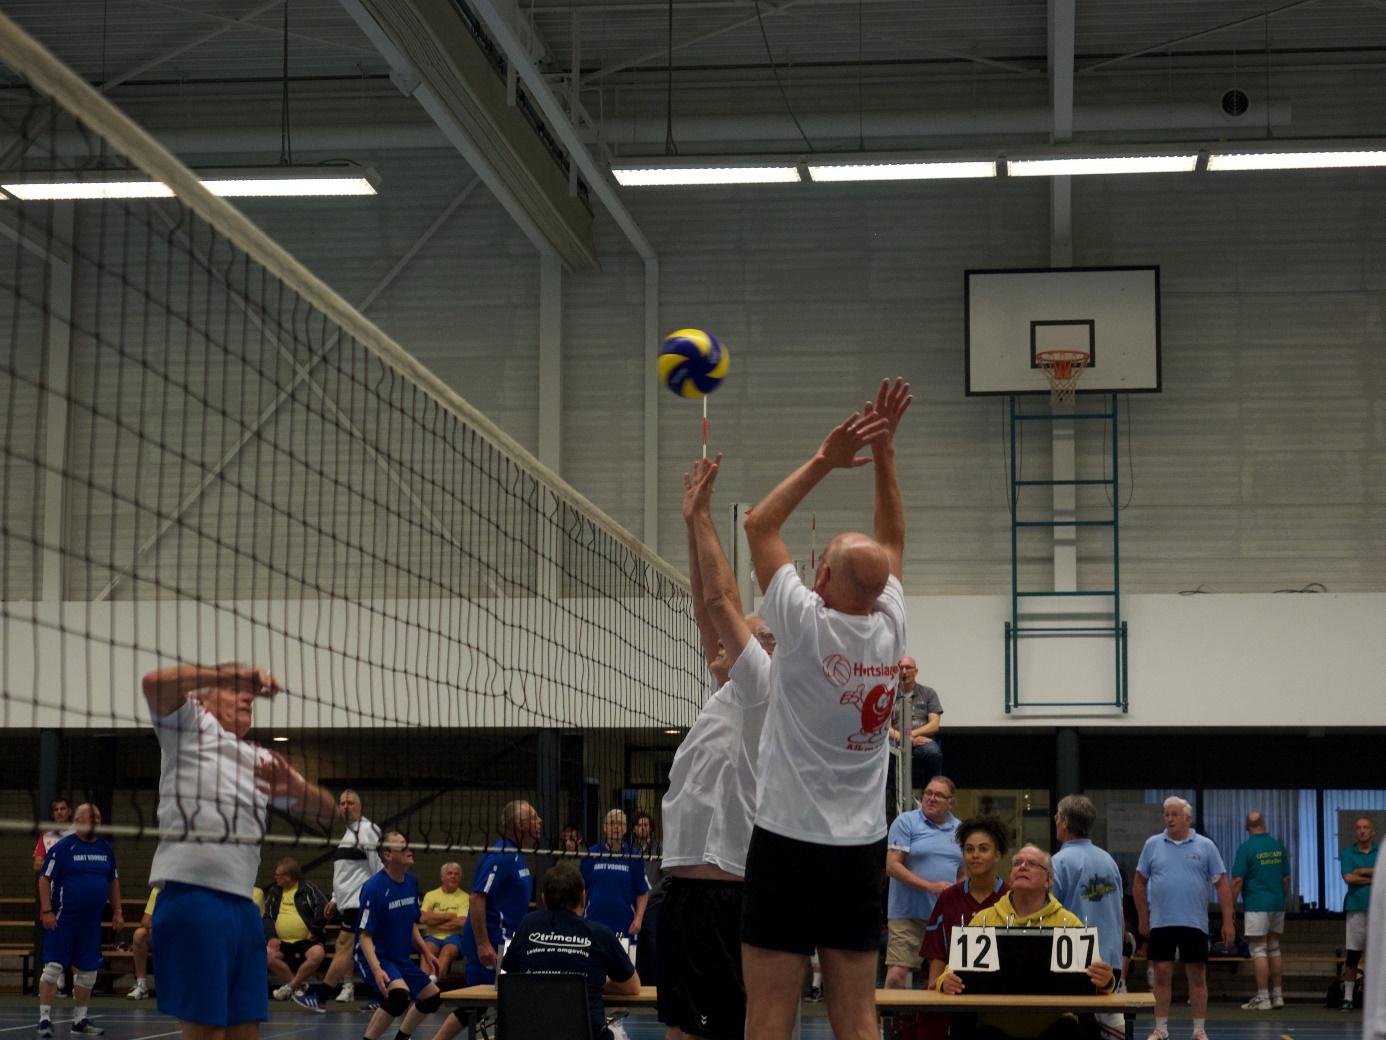 De (ex)hartpatiënten volleyballen. (Foto: aangeleverd)